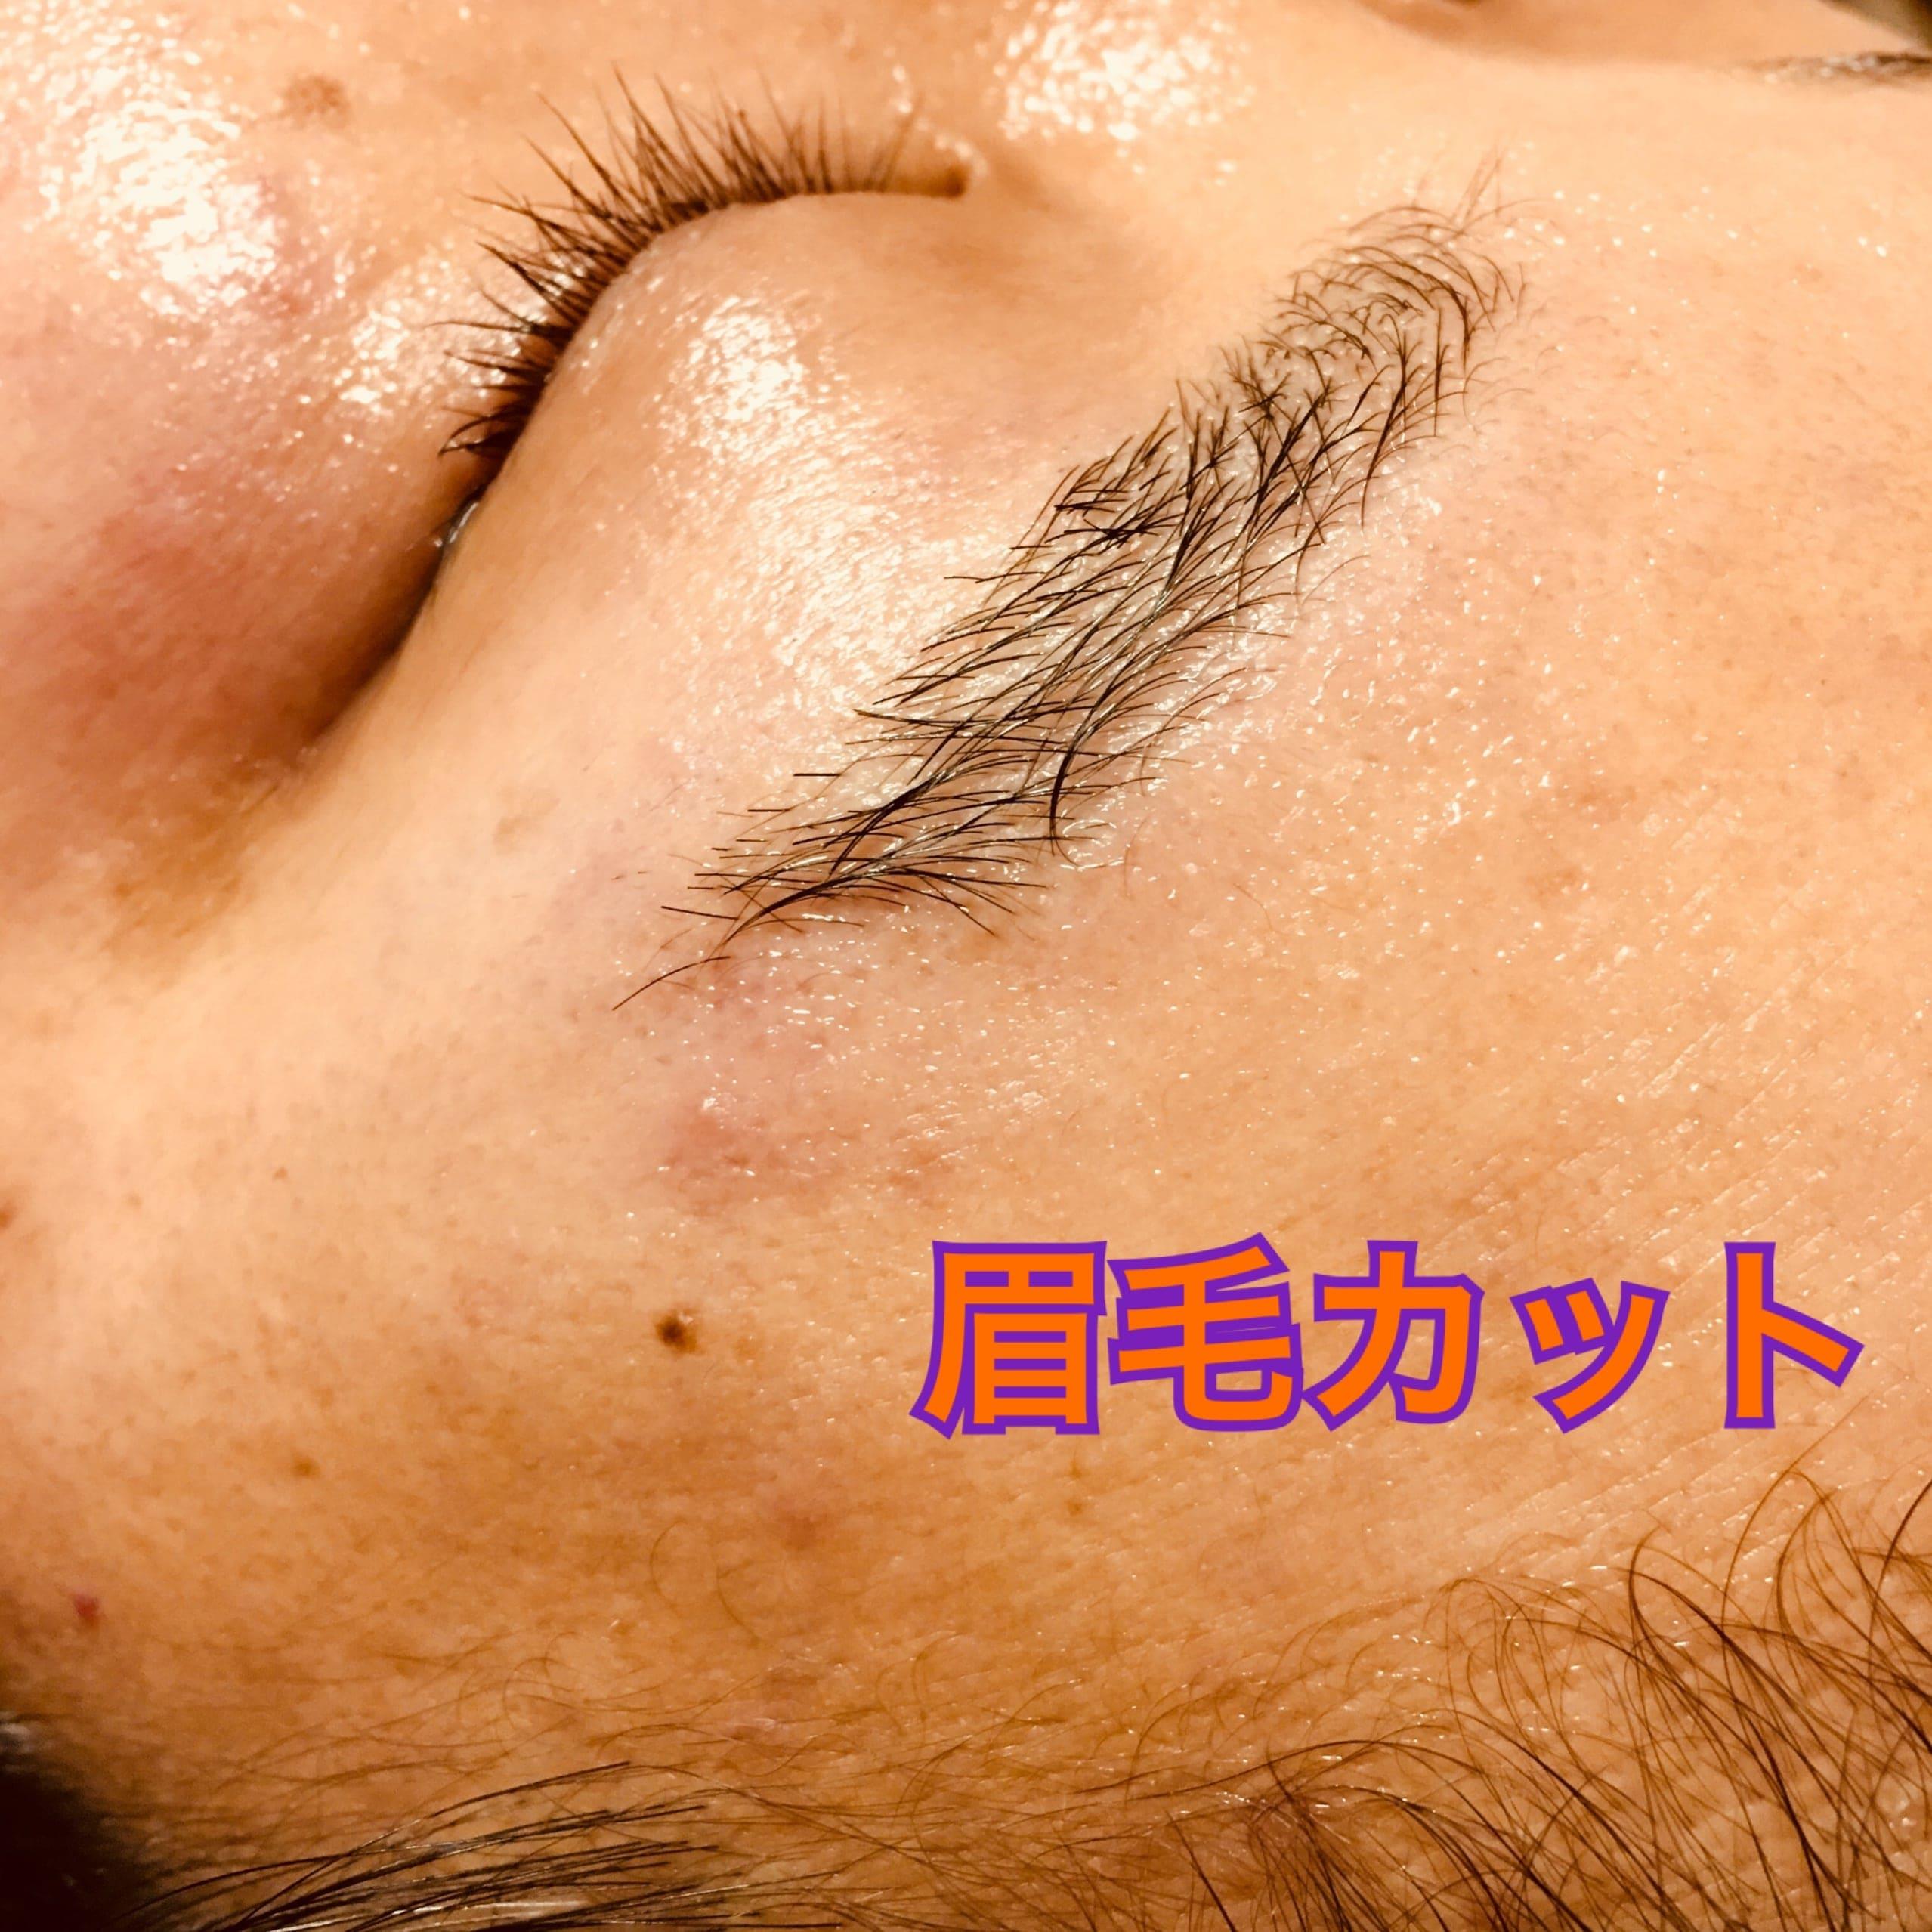 眉毛カット アイブローカット ★オプショナルメニュー★のイメージその2